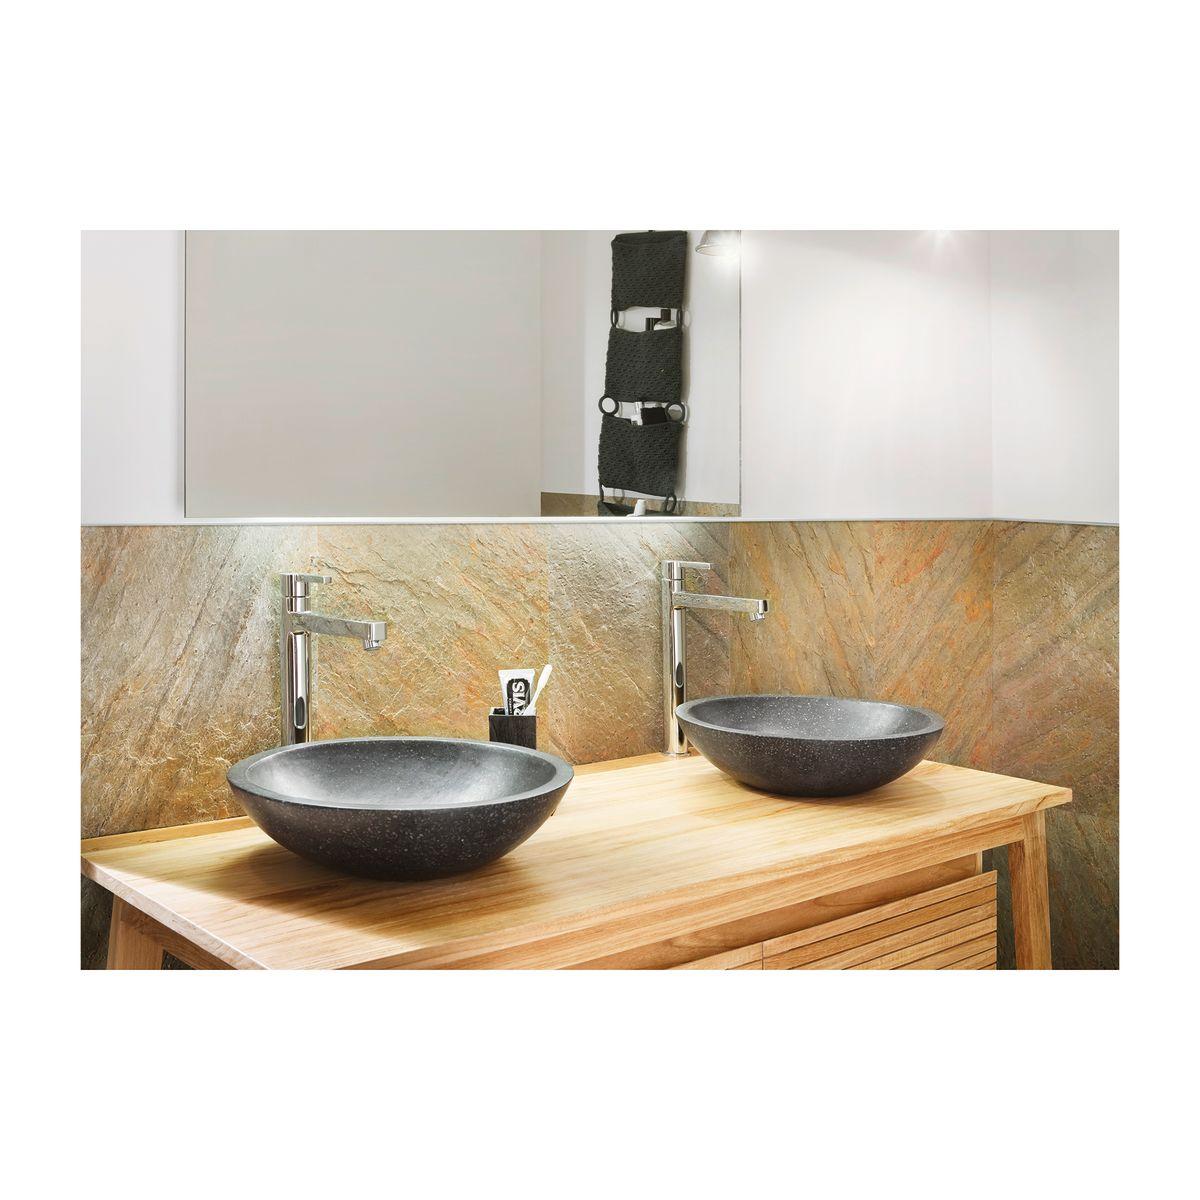 Pannelli per decorare pareti stencil per la cucina with for Pannelli decorativi per interni prezzi